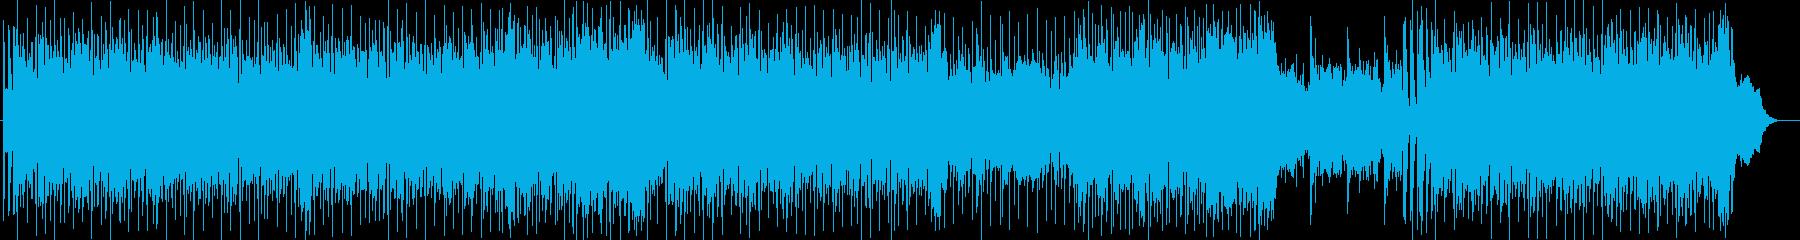 明るく元気なシンセサイザー楽曲の再生済みの波形